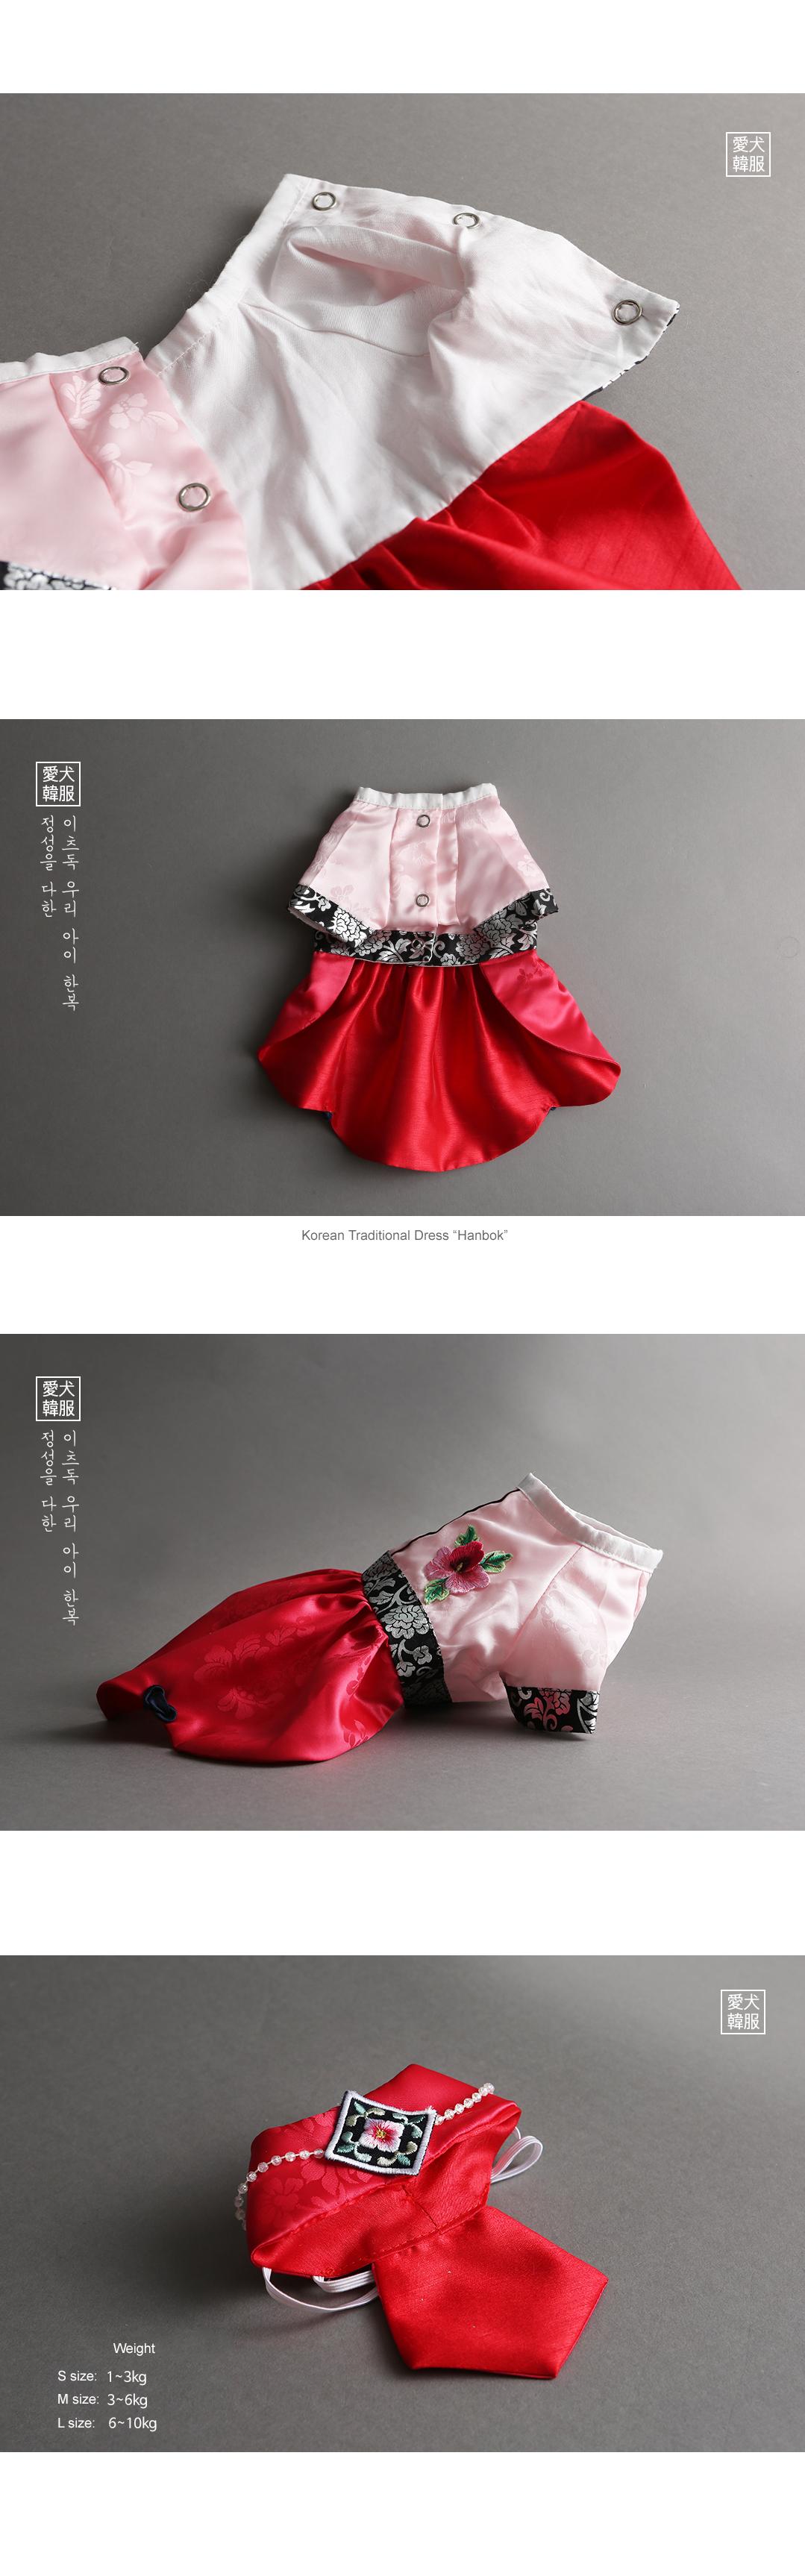 ys-hanbok-6.jpg